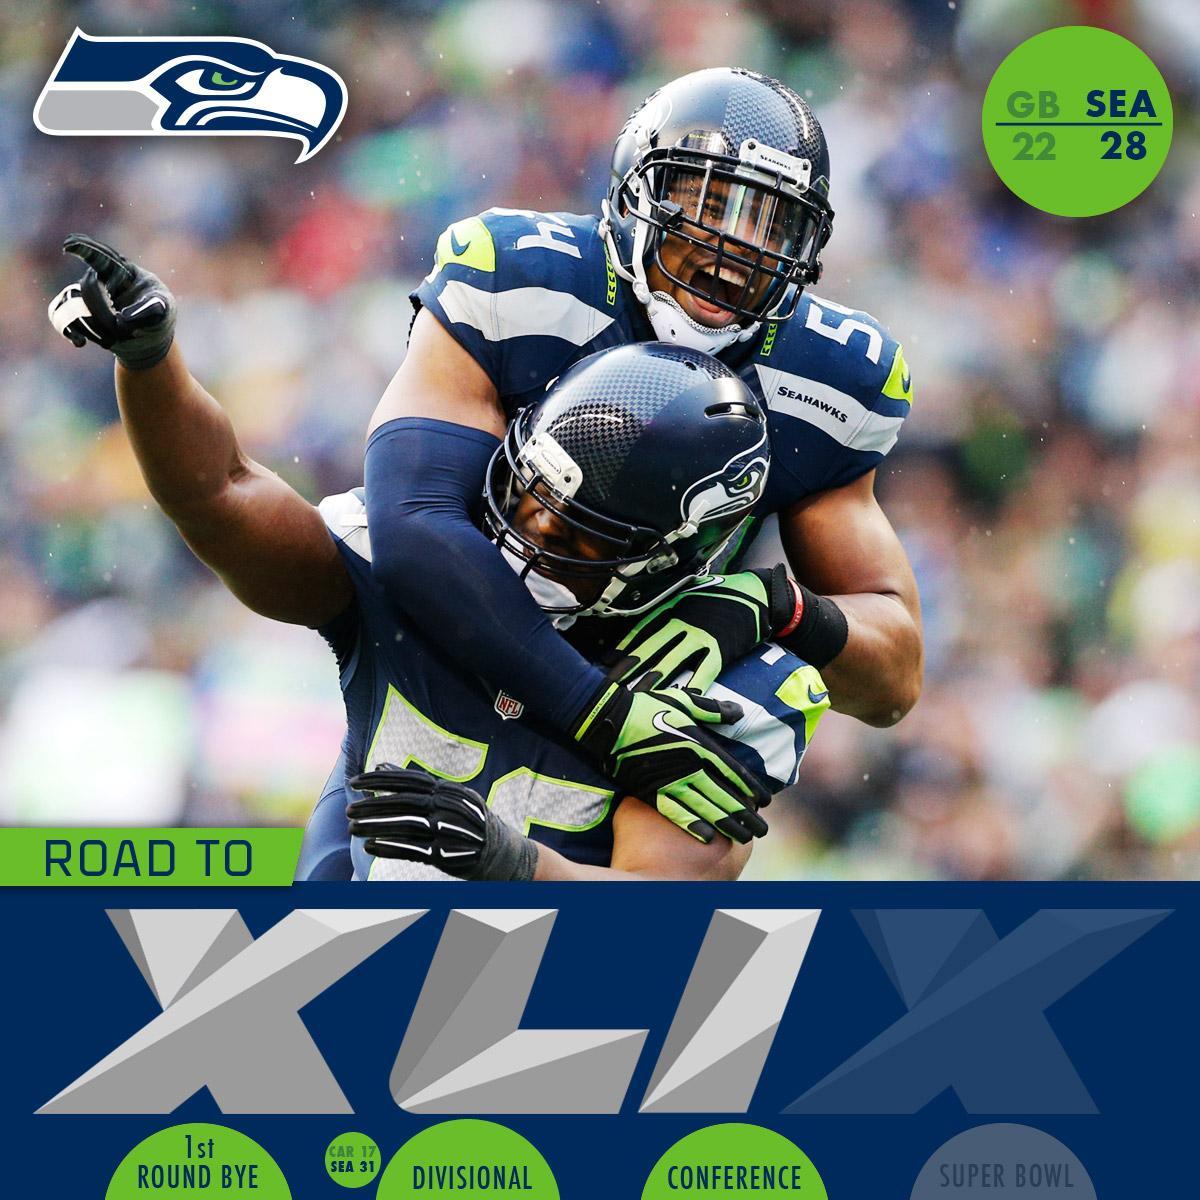 Next stop: Super Bowl XLIX! #SB49 http://t.co/0QBZLEL5L6